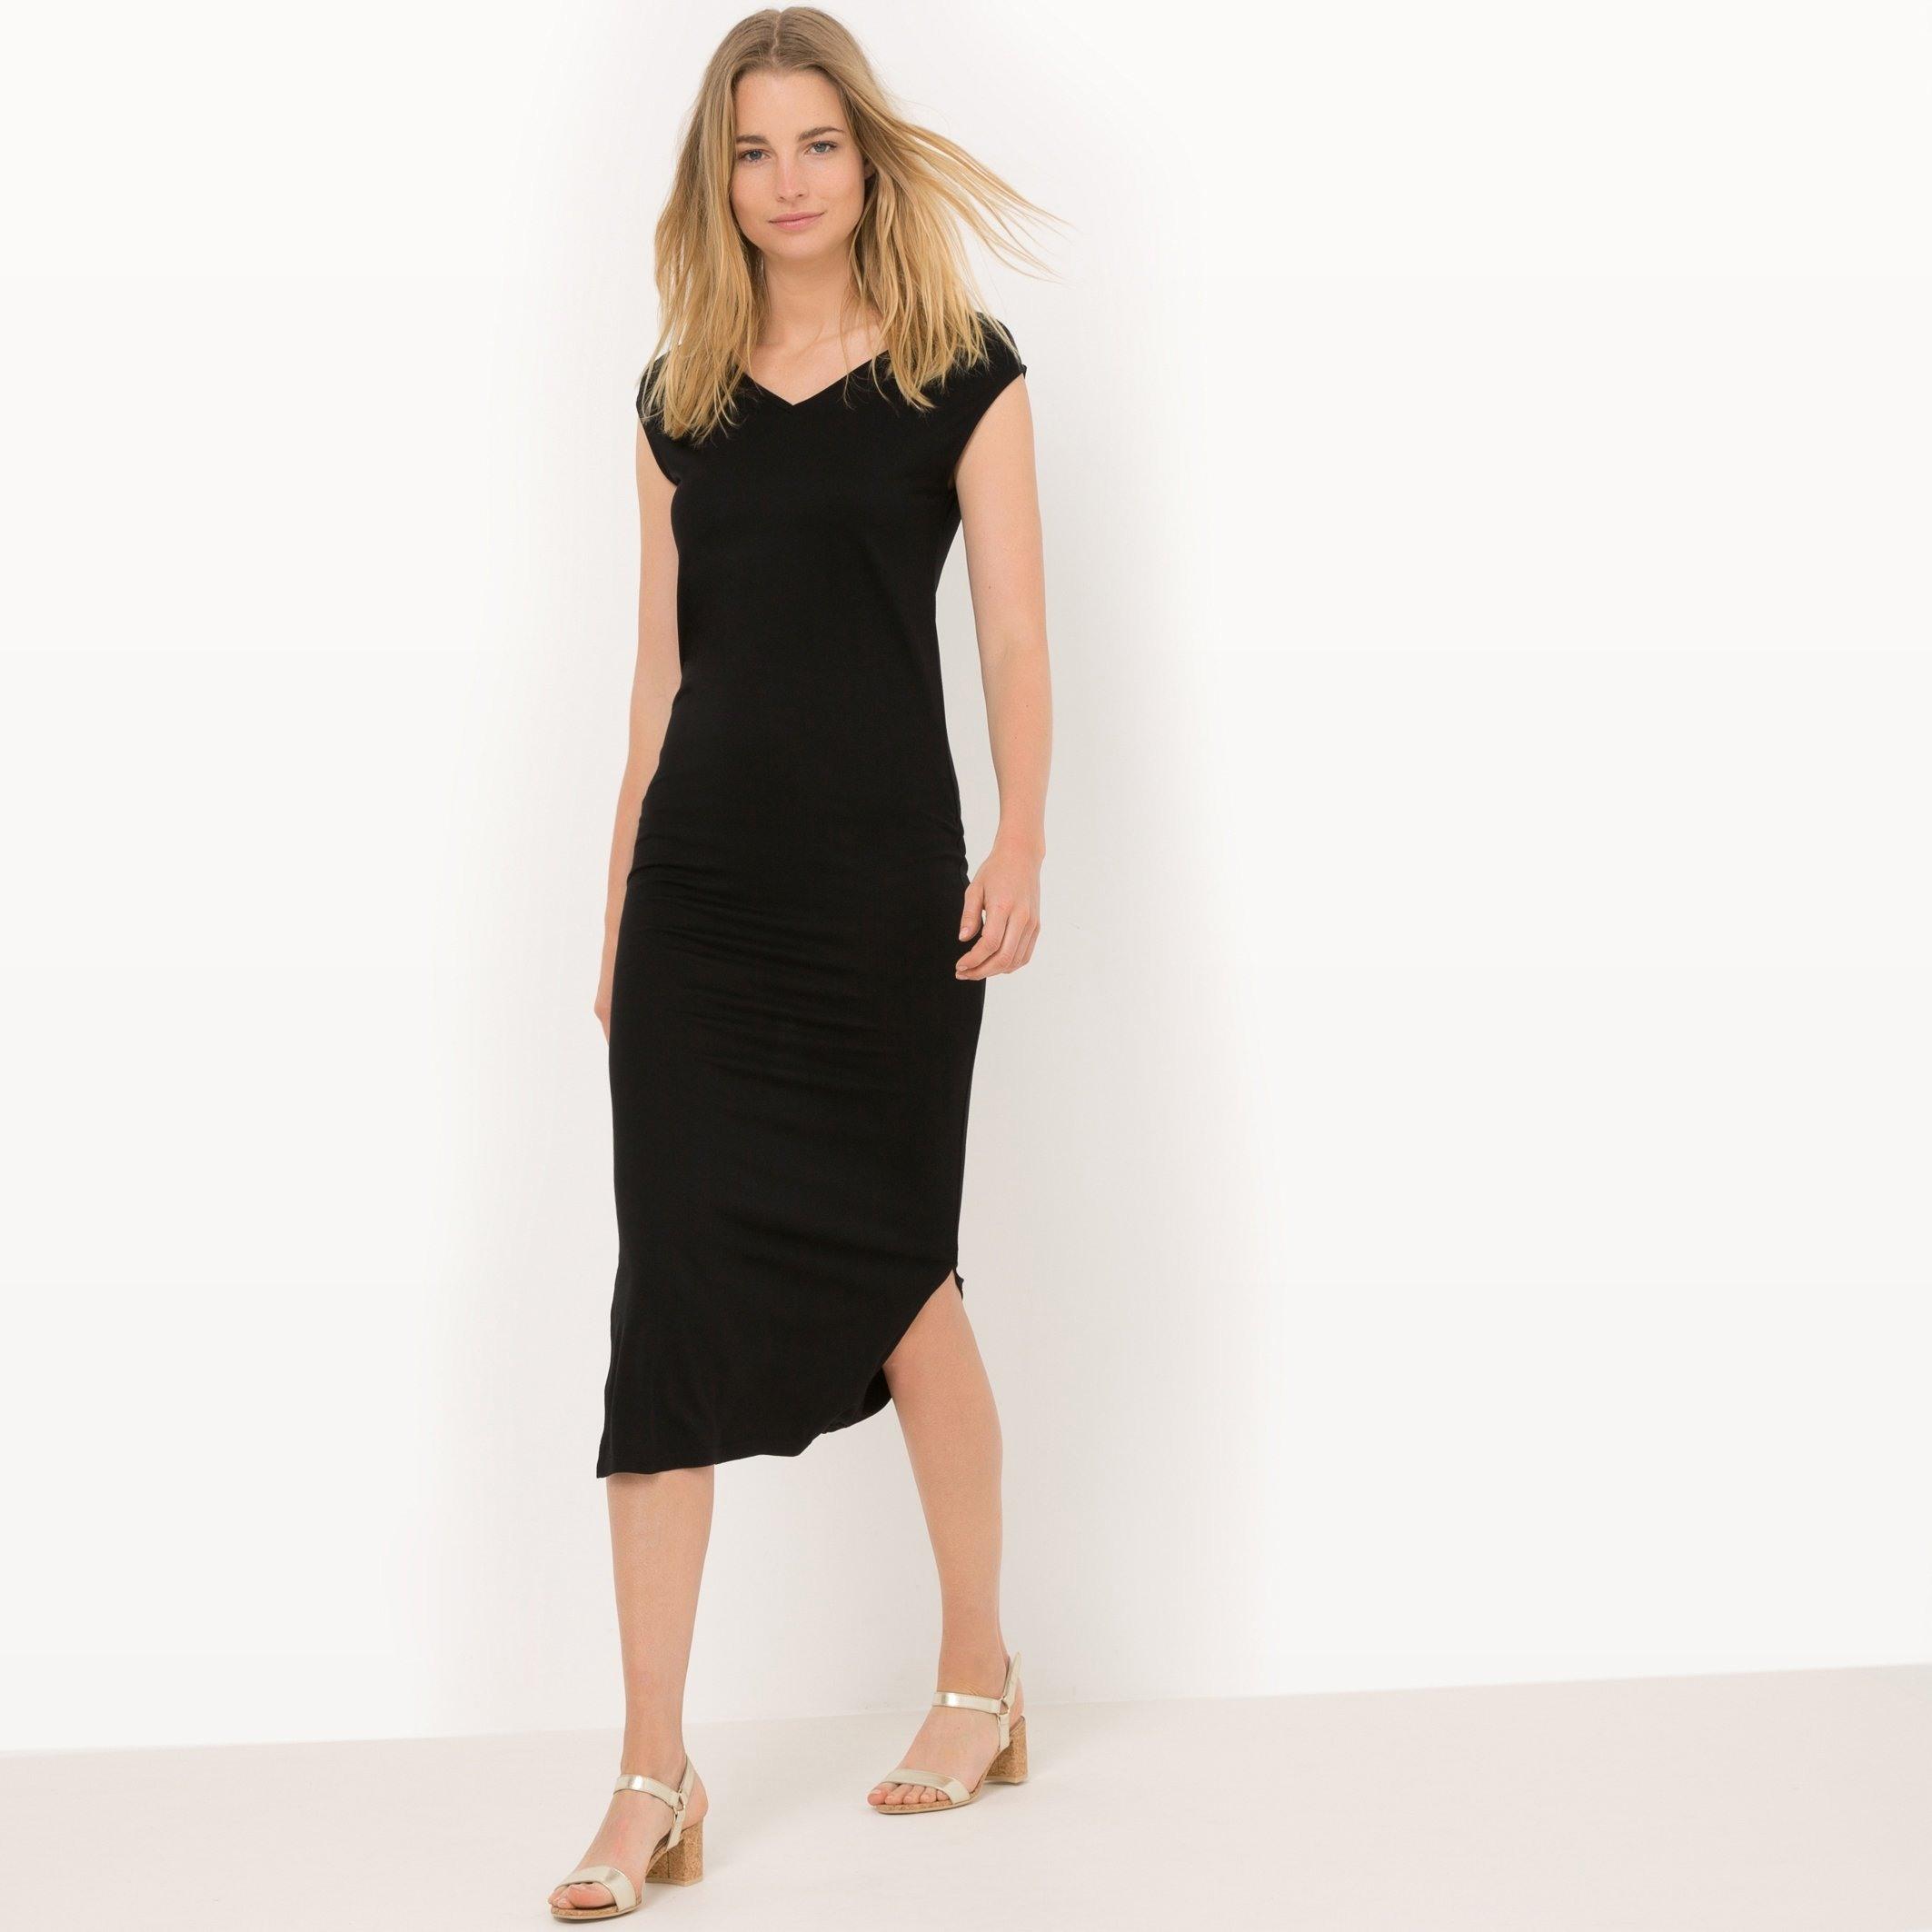 17 Ausgezeichnet Lange Fließende Kleider Stylish Spektakulär Lange Fließende Kleider Spezialgebiet